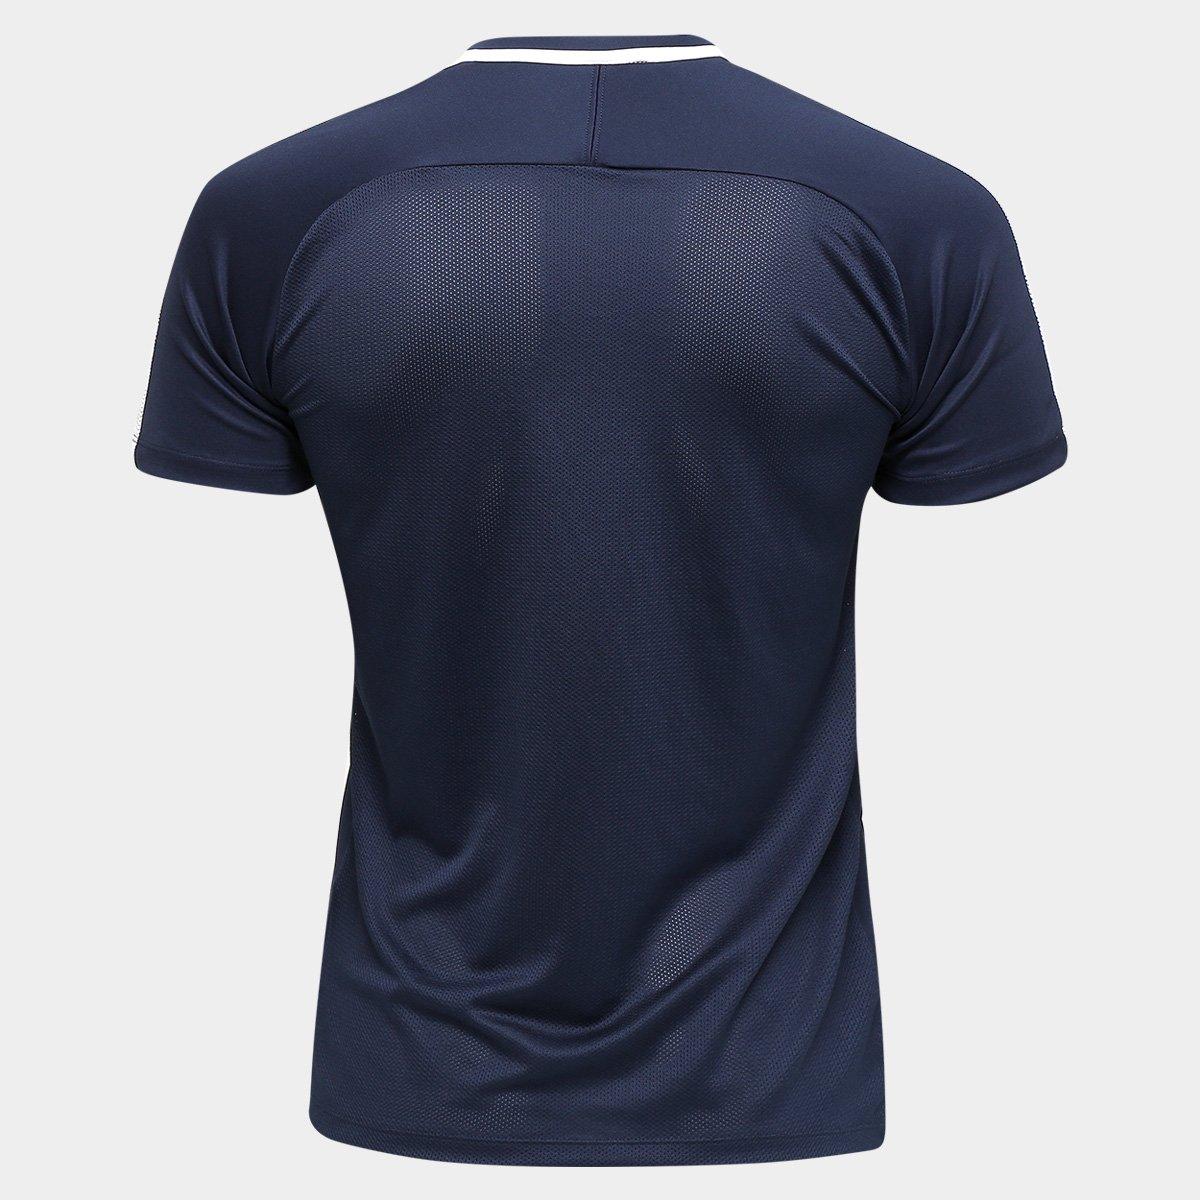 8e09e958e0 Camisa Nike Academy Masculina - Marinho e Branco - Compre Agora ...